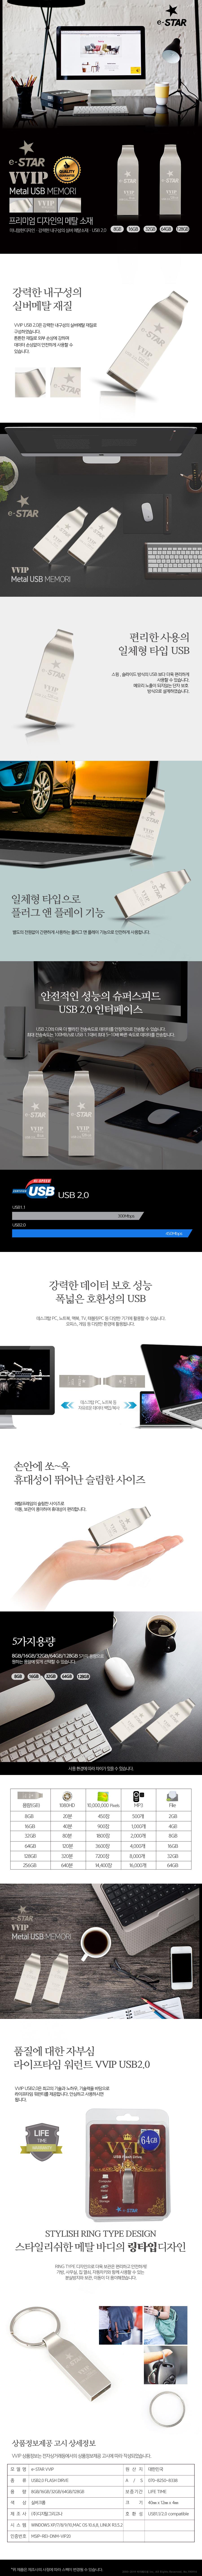 디지탈그리고나 e-STAR VVIP USB 2.0 (8GB)